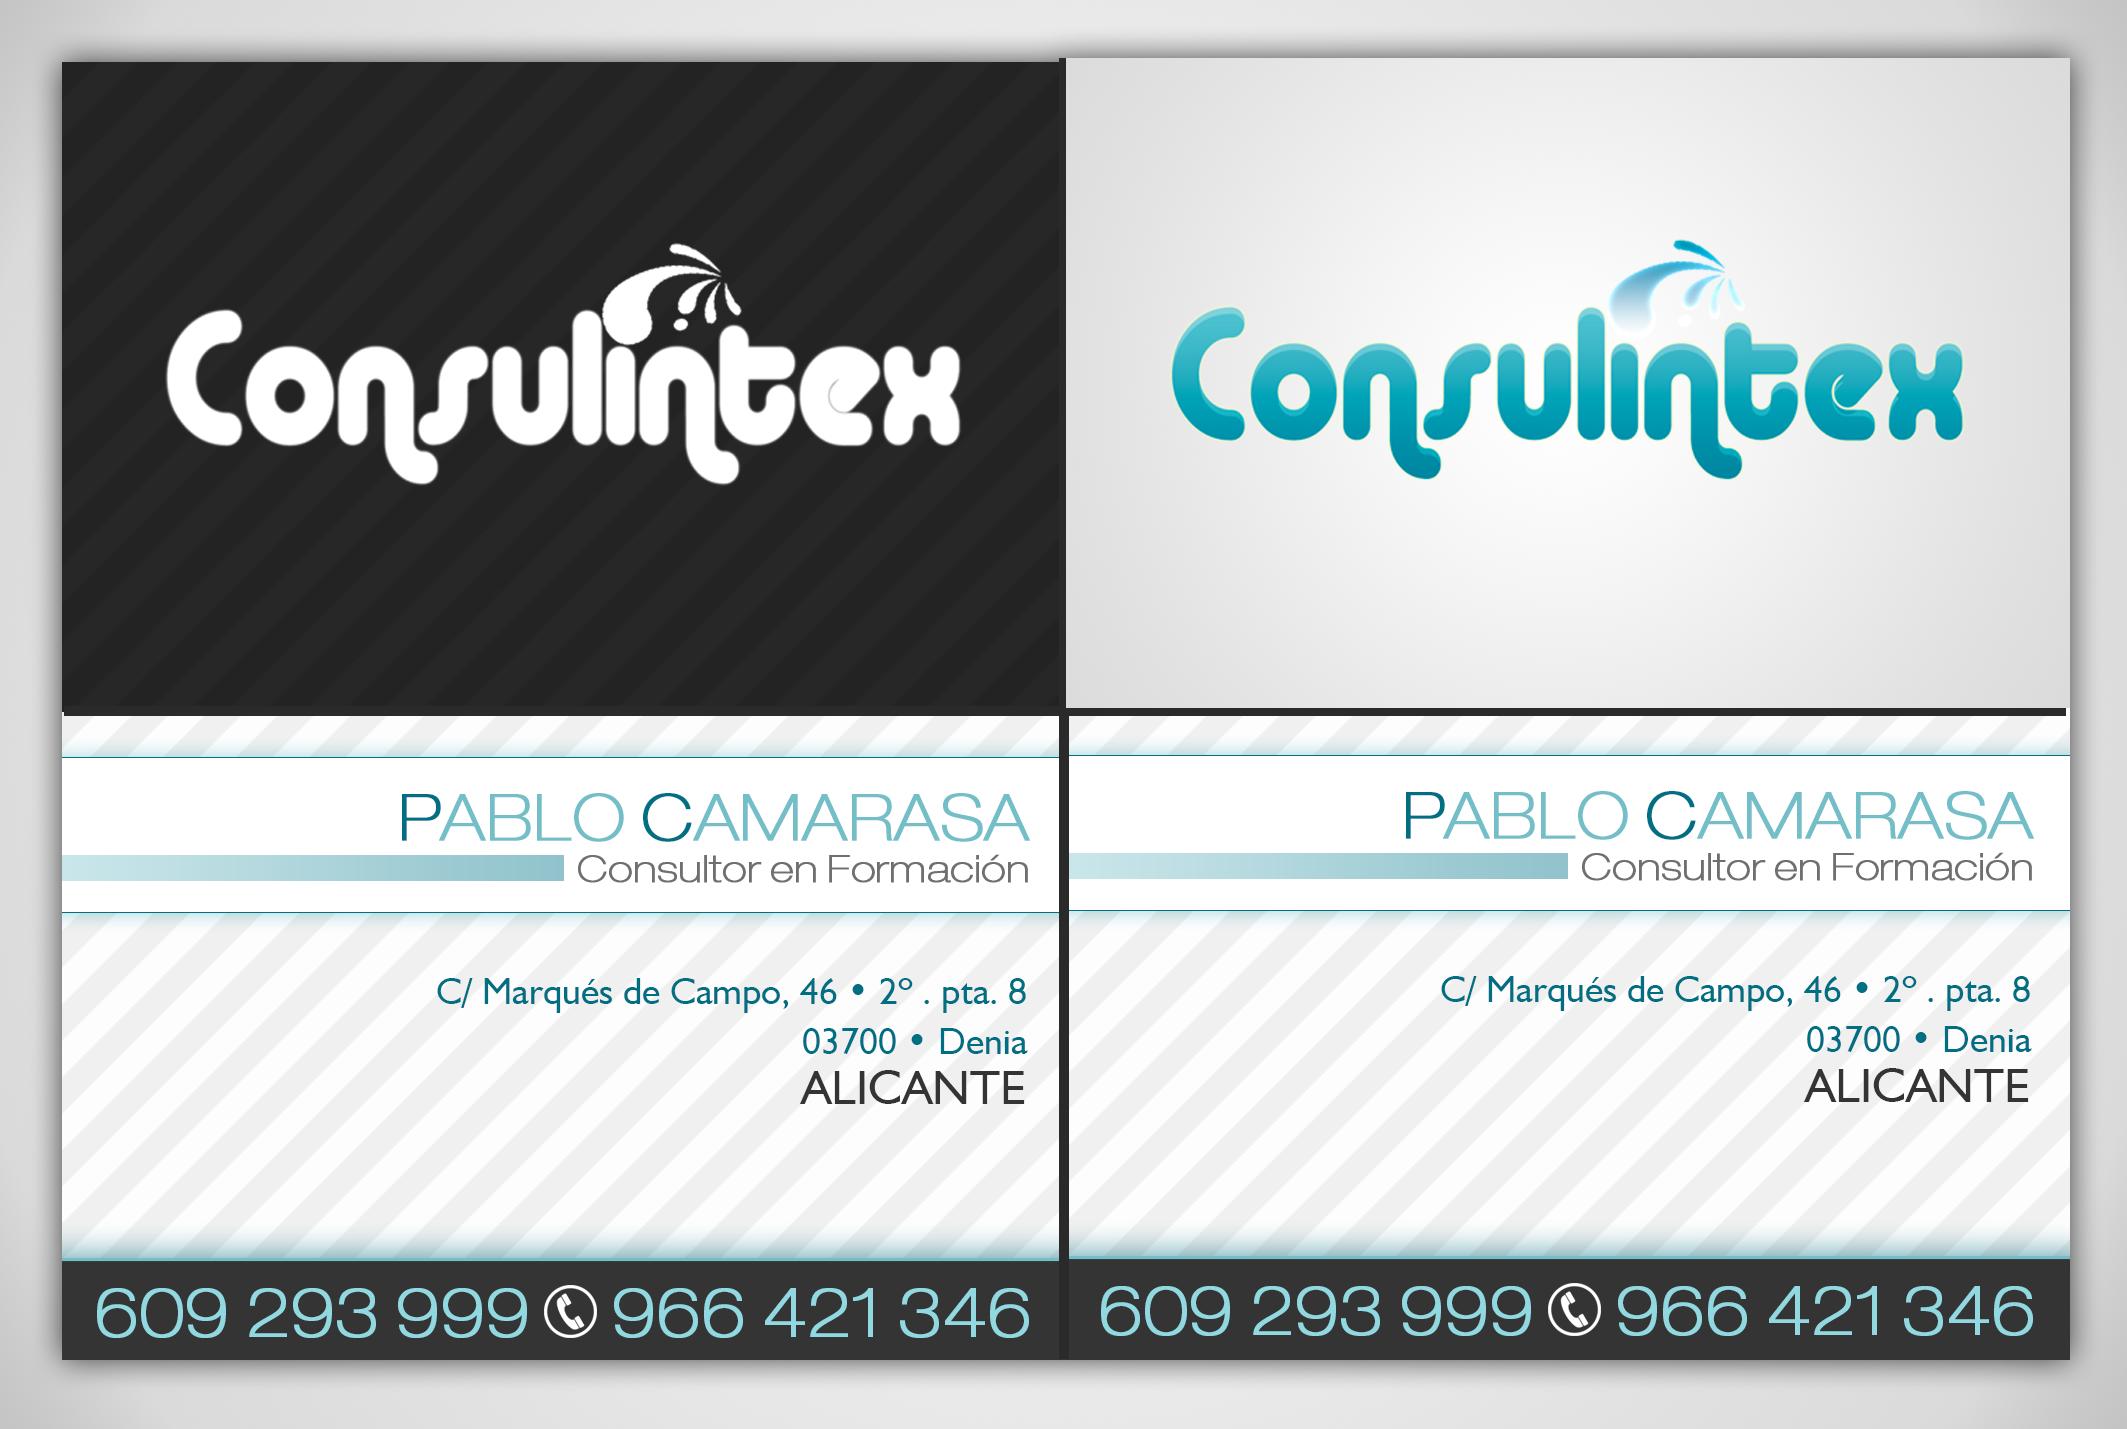 Tarjeta de visita Consulintex